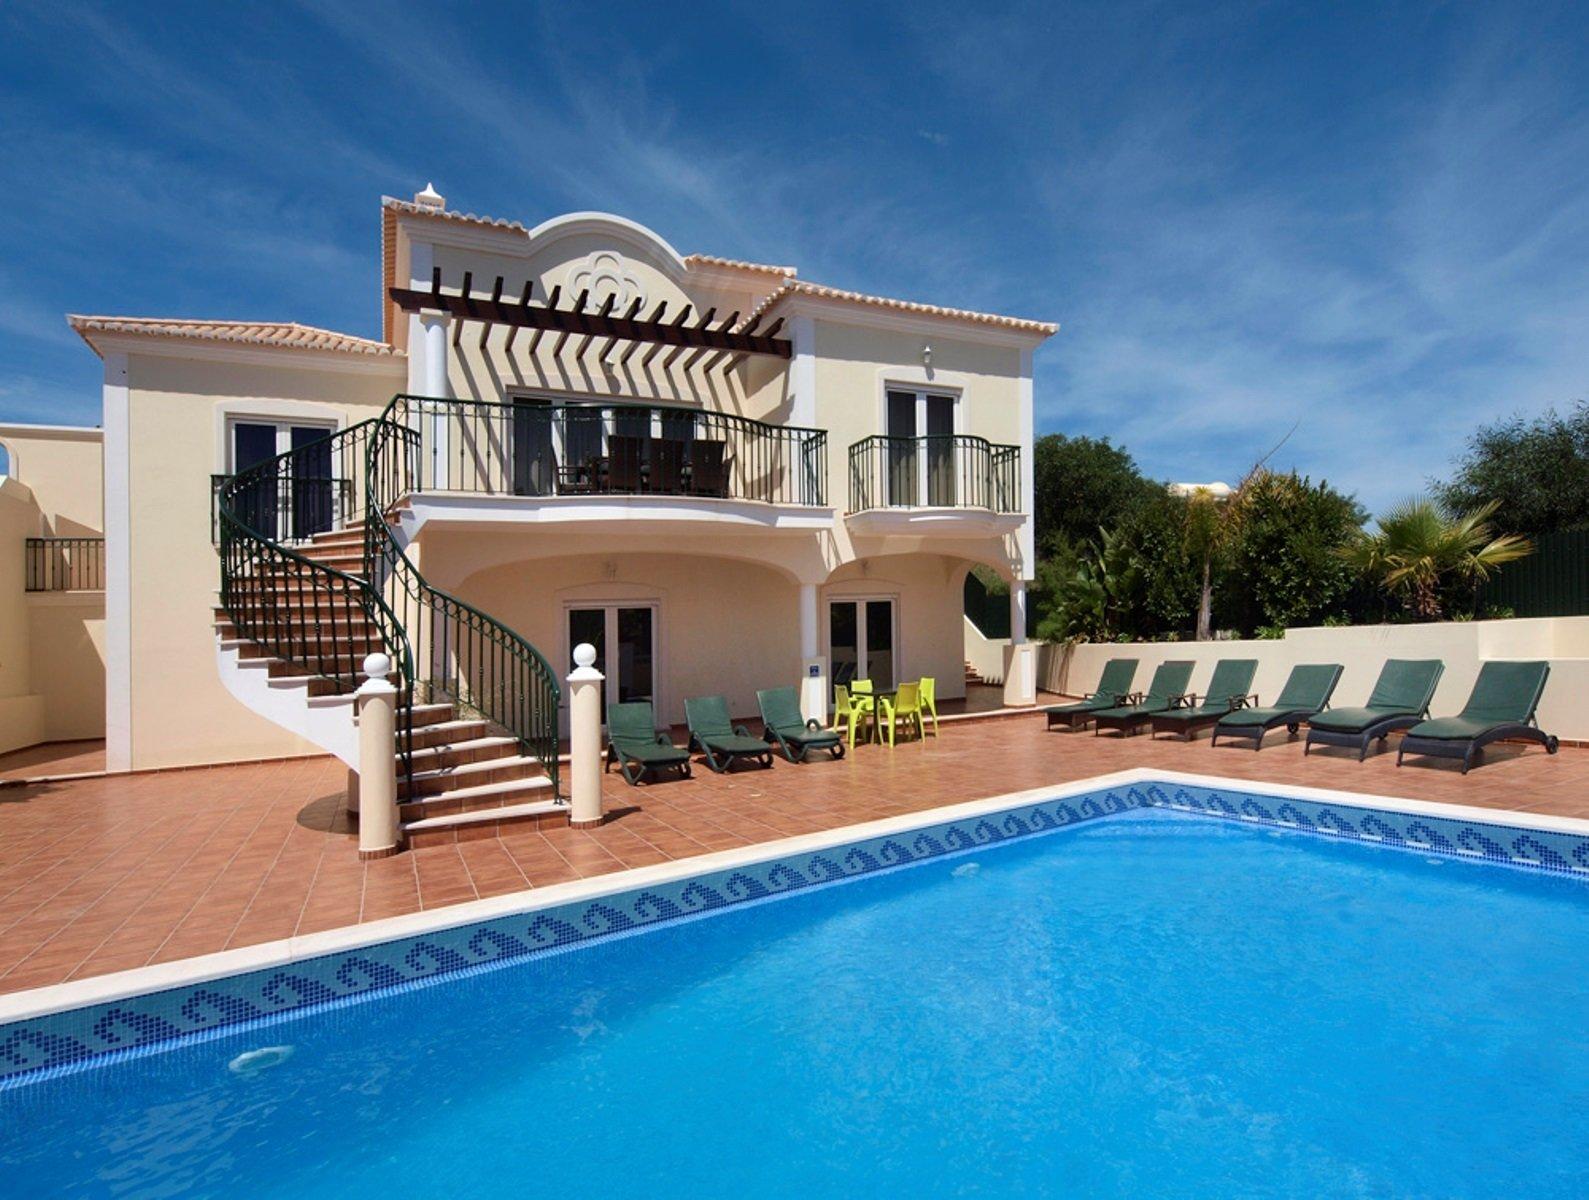 5 Bedroom Villa Lagos, Western Algarve Ref: GV615